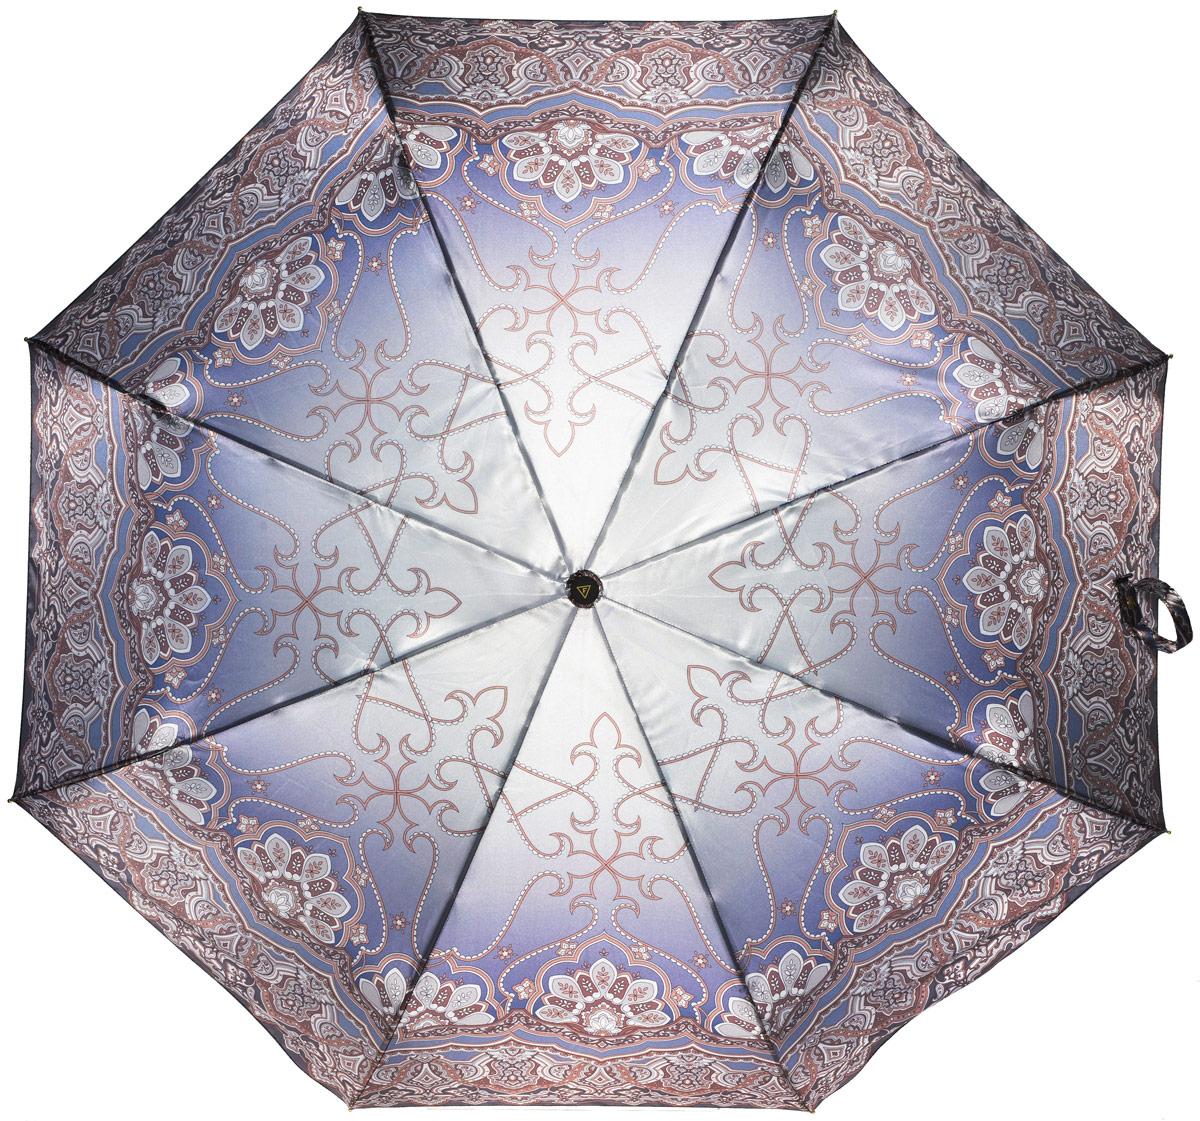 Зонт женский Fabretti, полный автомат, 3 сложения, цвет: мультиколор. S-16103-1S-16103-1Зонт женский Fabretti, суперавтомат, 3 сложения, сатин